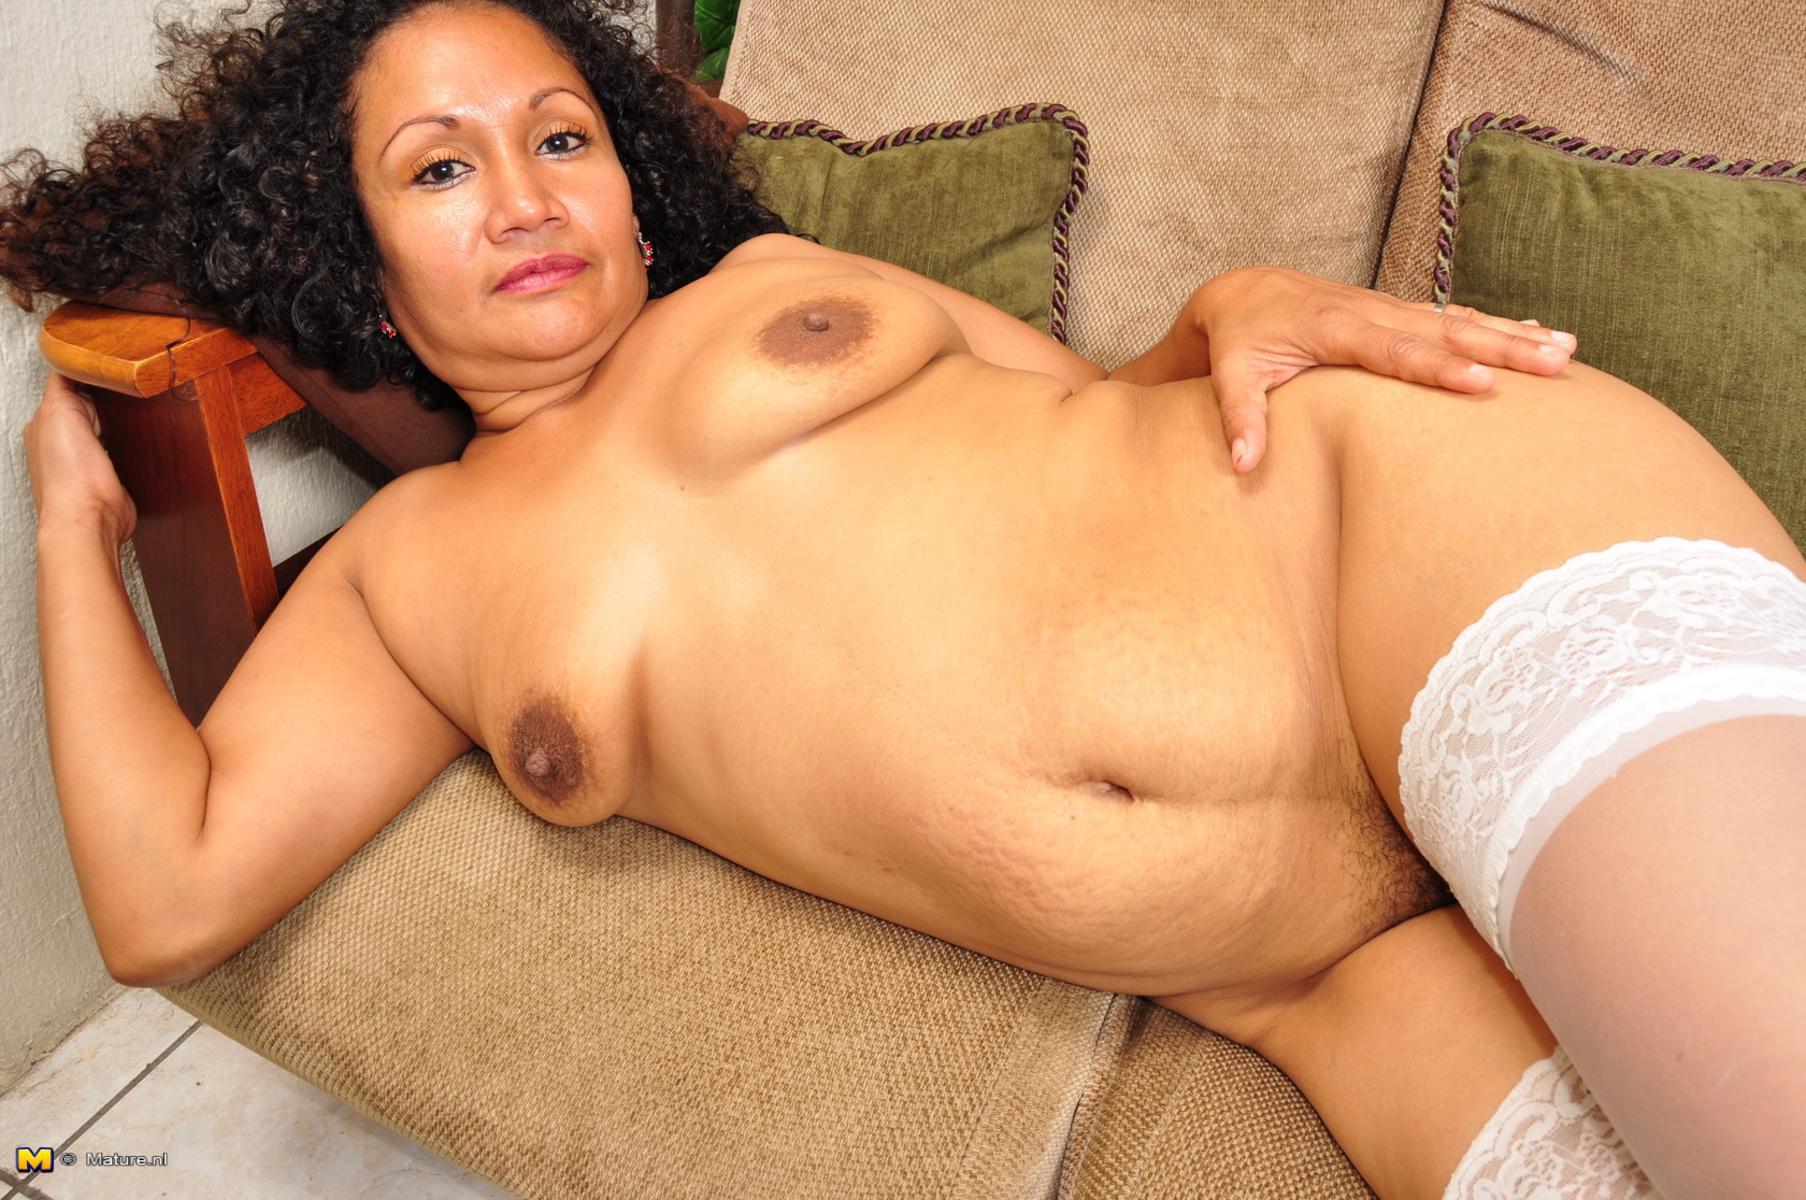 Angela goethals naked